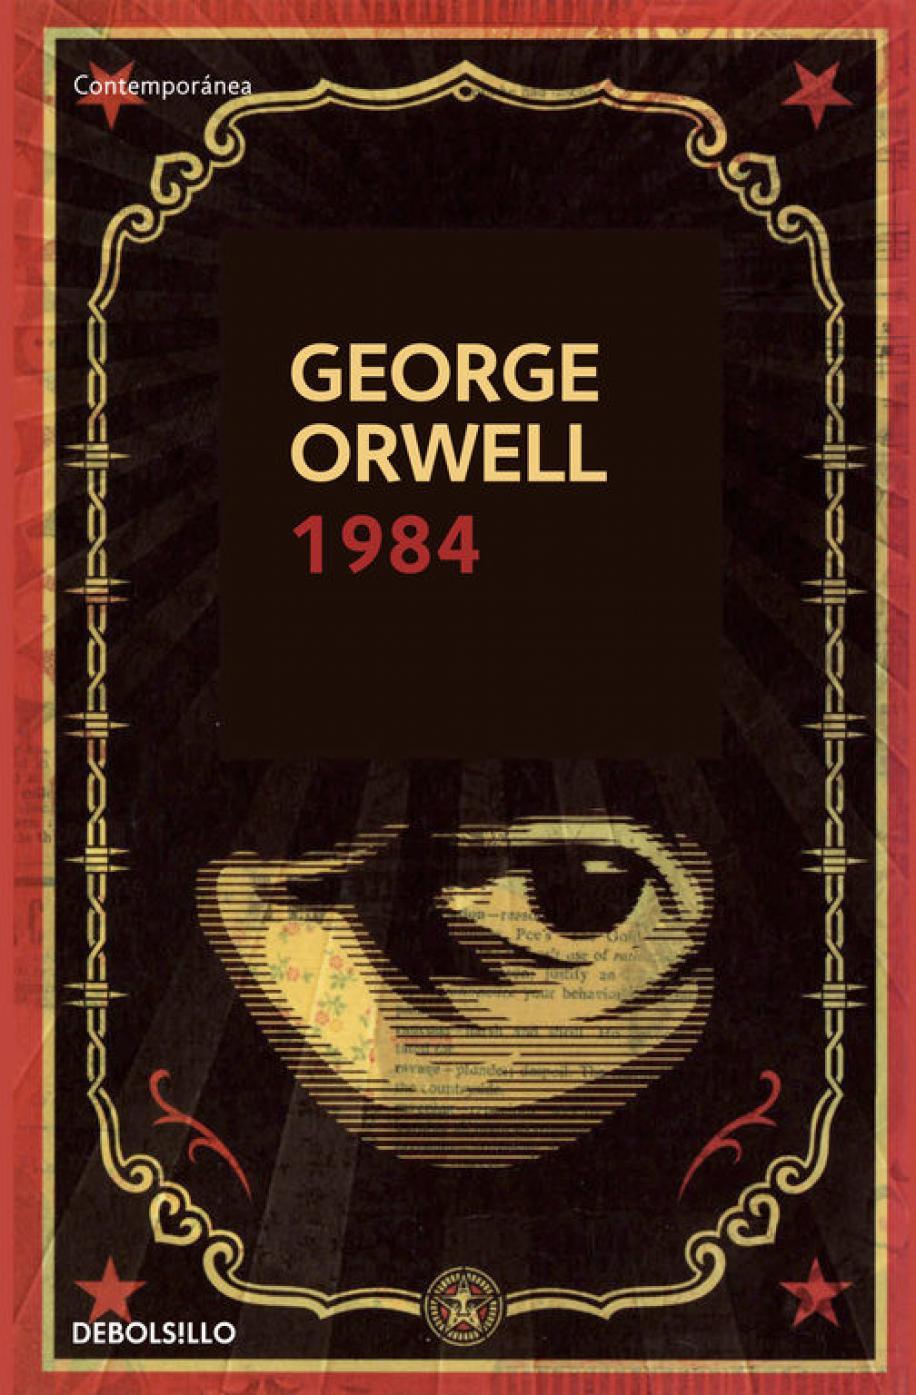 Un libro fascinante de uno de los autores más importantes de su género.